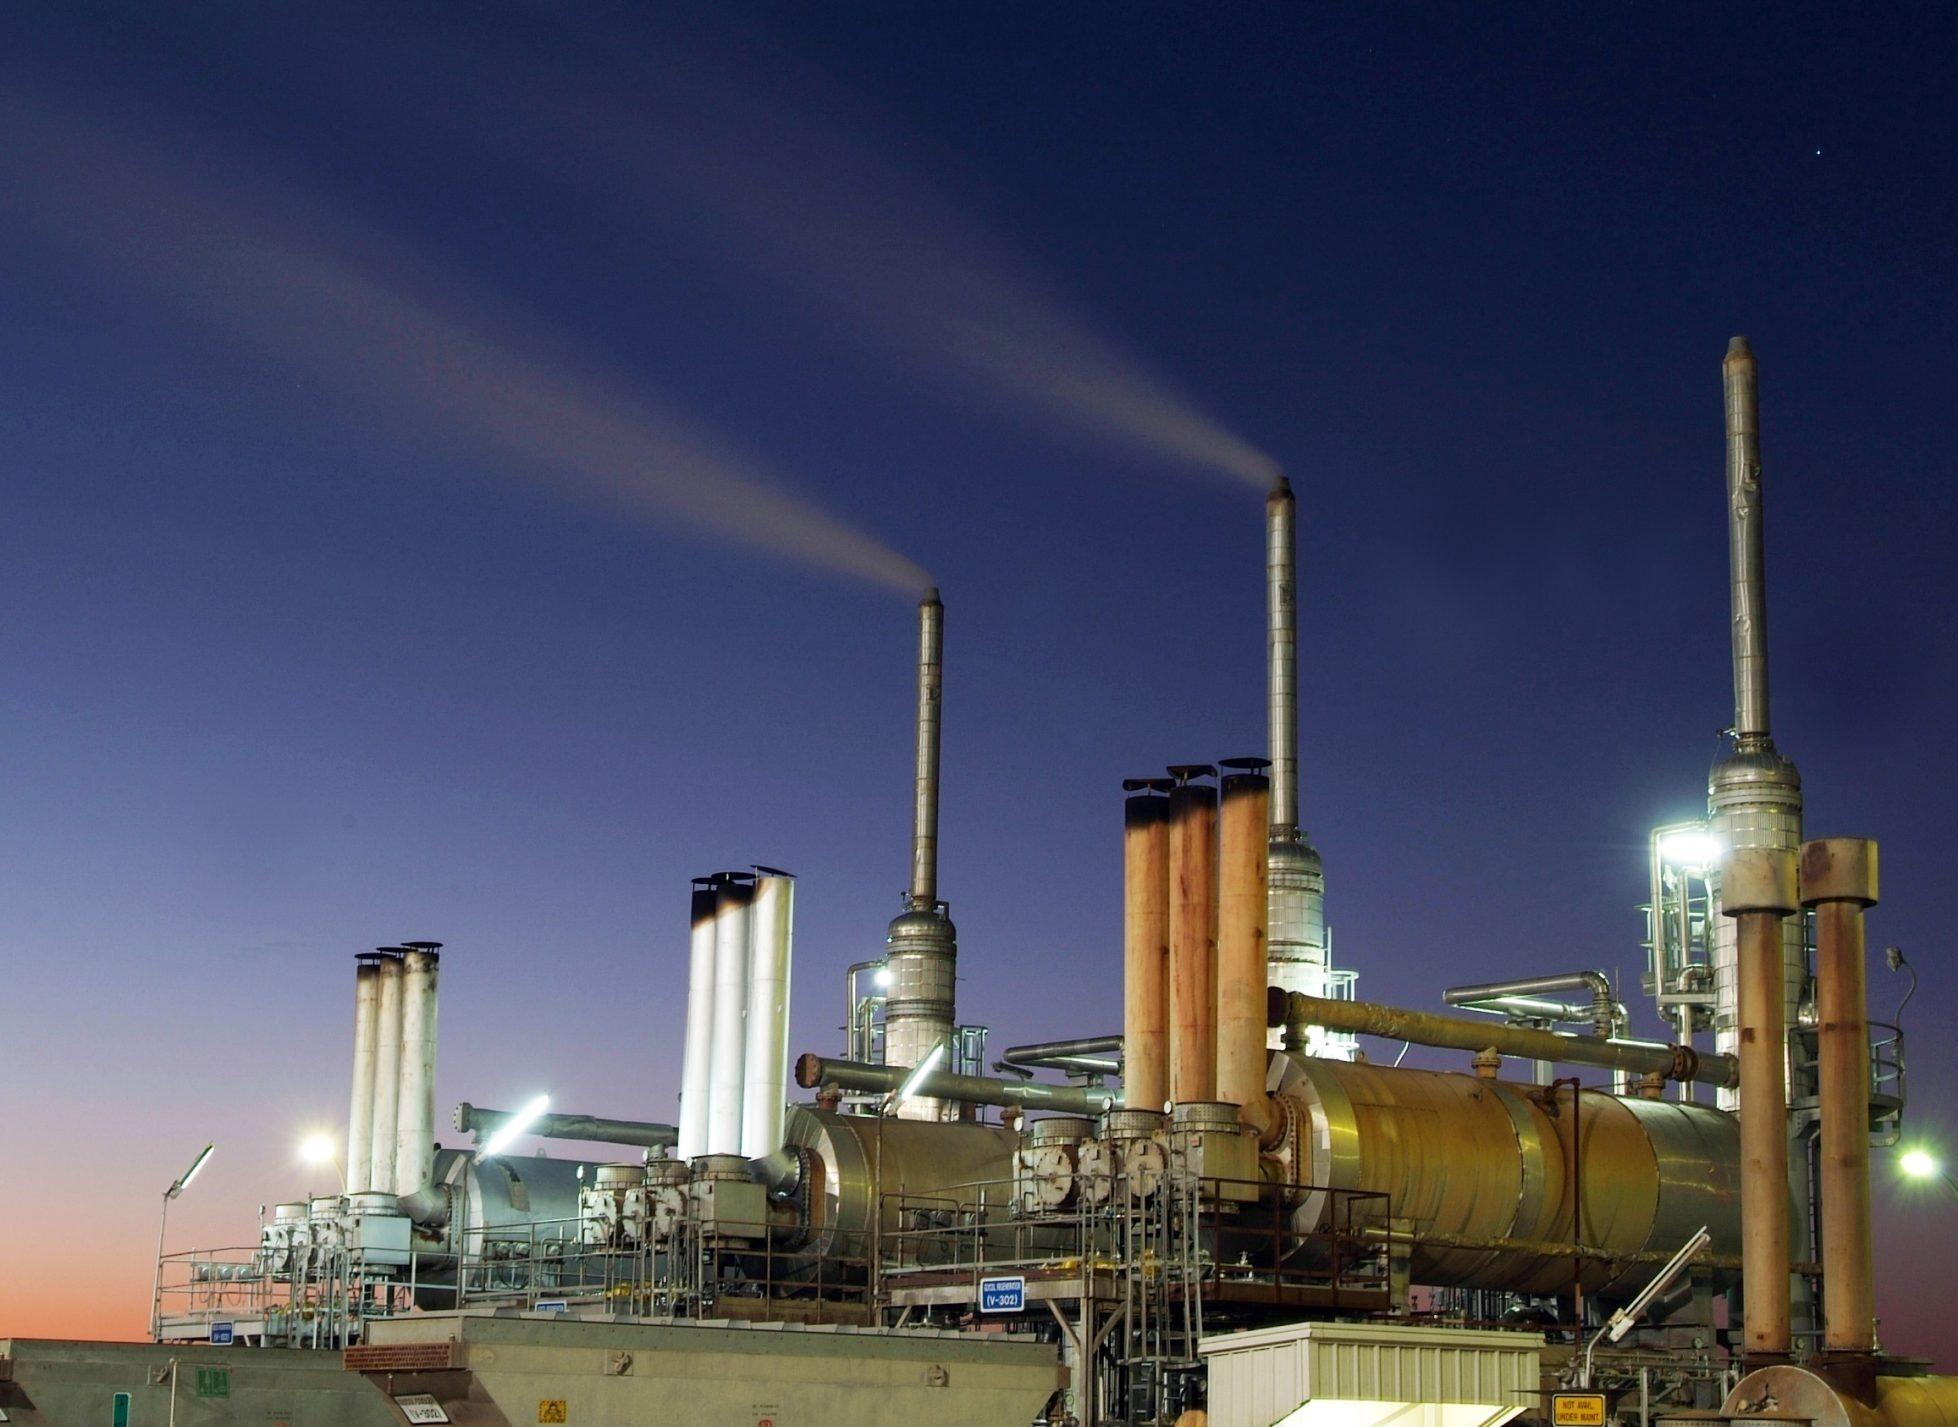 متى تم اكتشاف النفط في الكويت